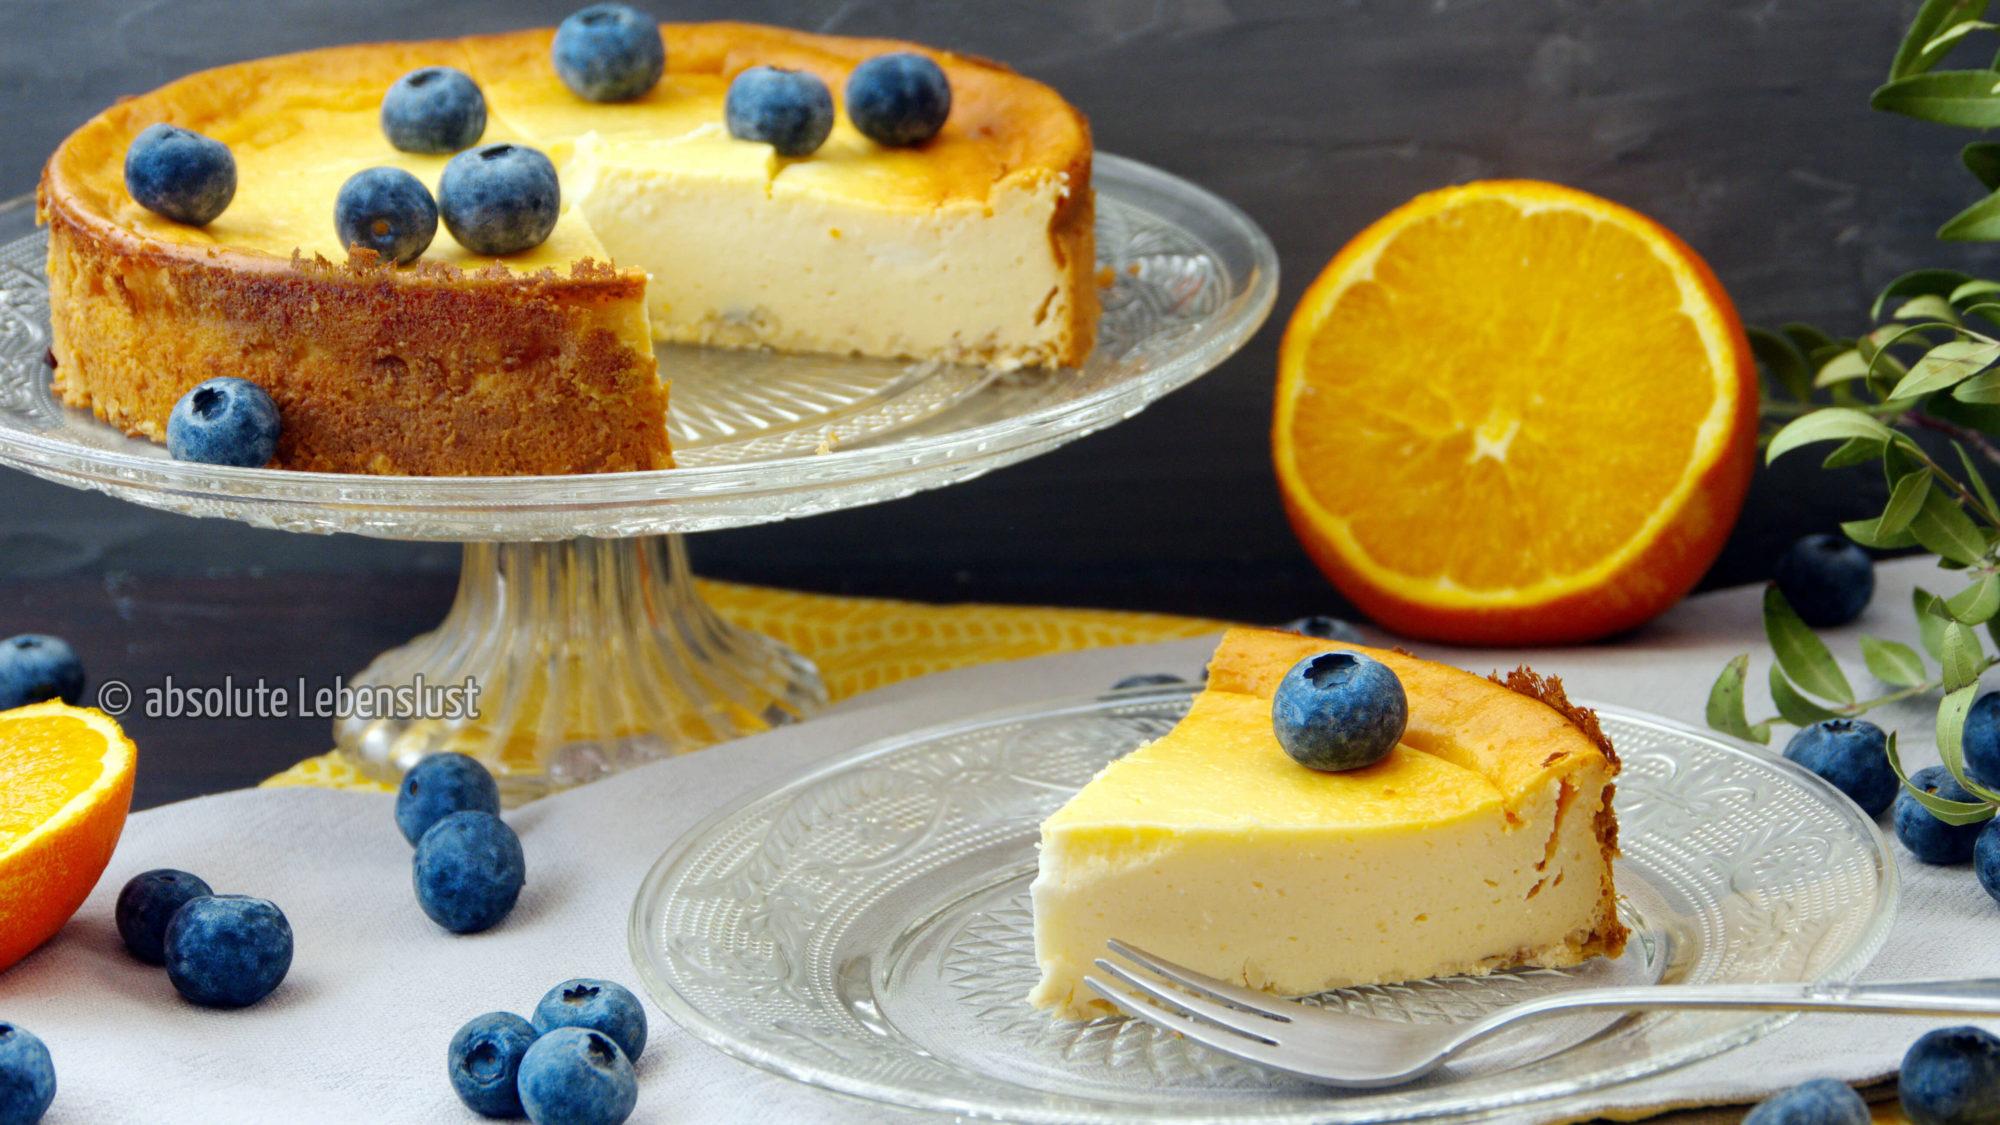 skyr kuchen, skyr käsekuchen, skyr cheesecake, rezept, rezepte, selber machen, backen, käsekuchen ohne boden, protein, cheesecake